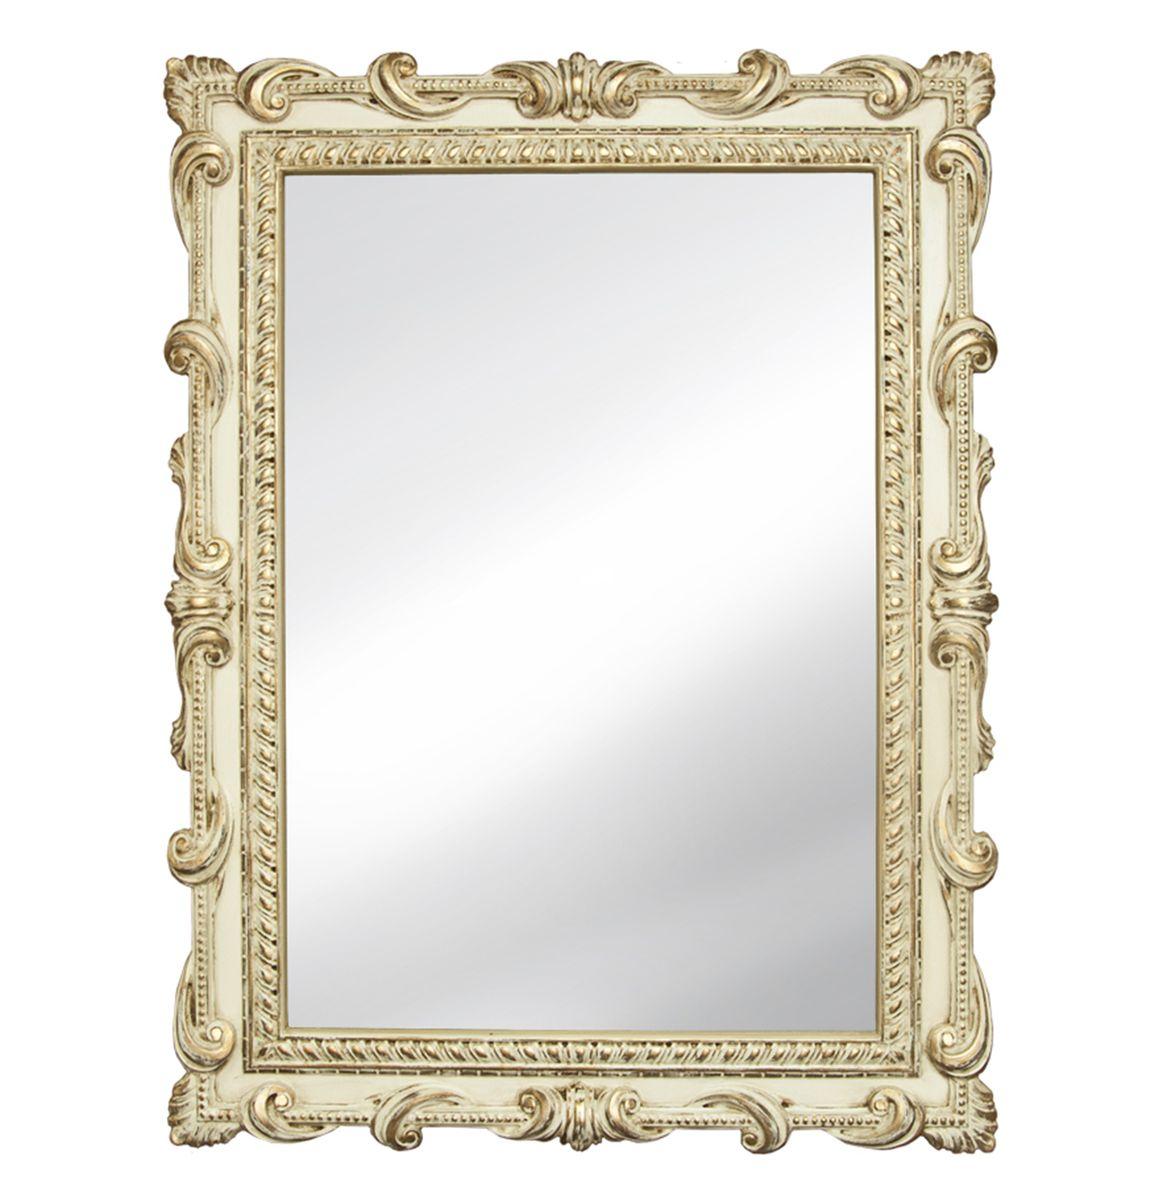 Зеркало VezzoLLi Тениа, цвет: слоновая кость, 94 х 72 см14-05С обратной стороны зеркало снабжено тремя металлическими подвесами для возможности разместить его и вертикально и горизонтально.